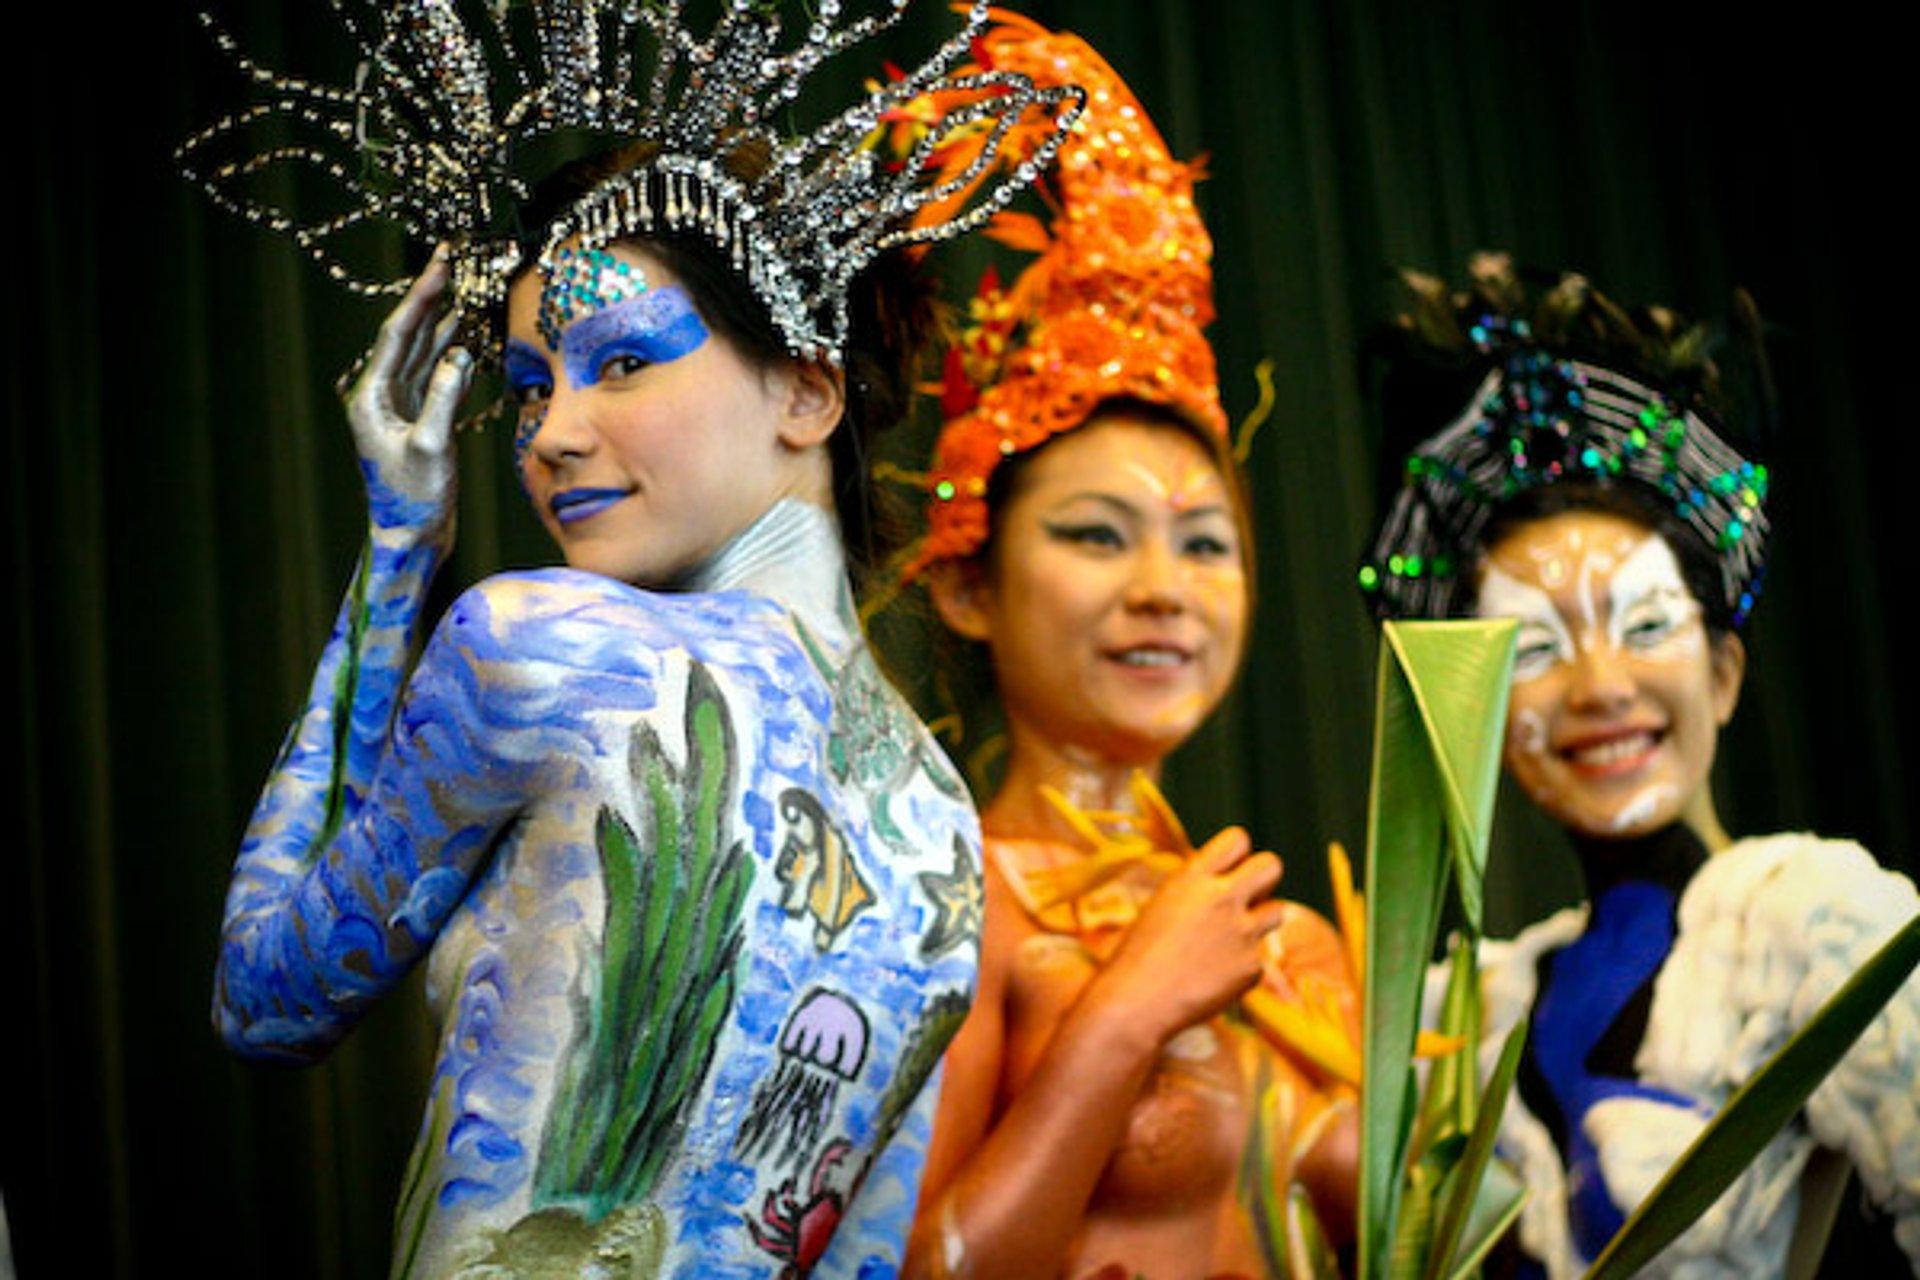 Hari Raya Aidilfitri Celebration at the Singapore Art Musuem 2020